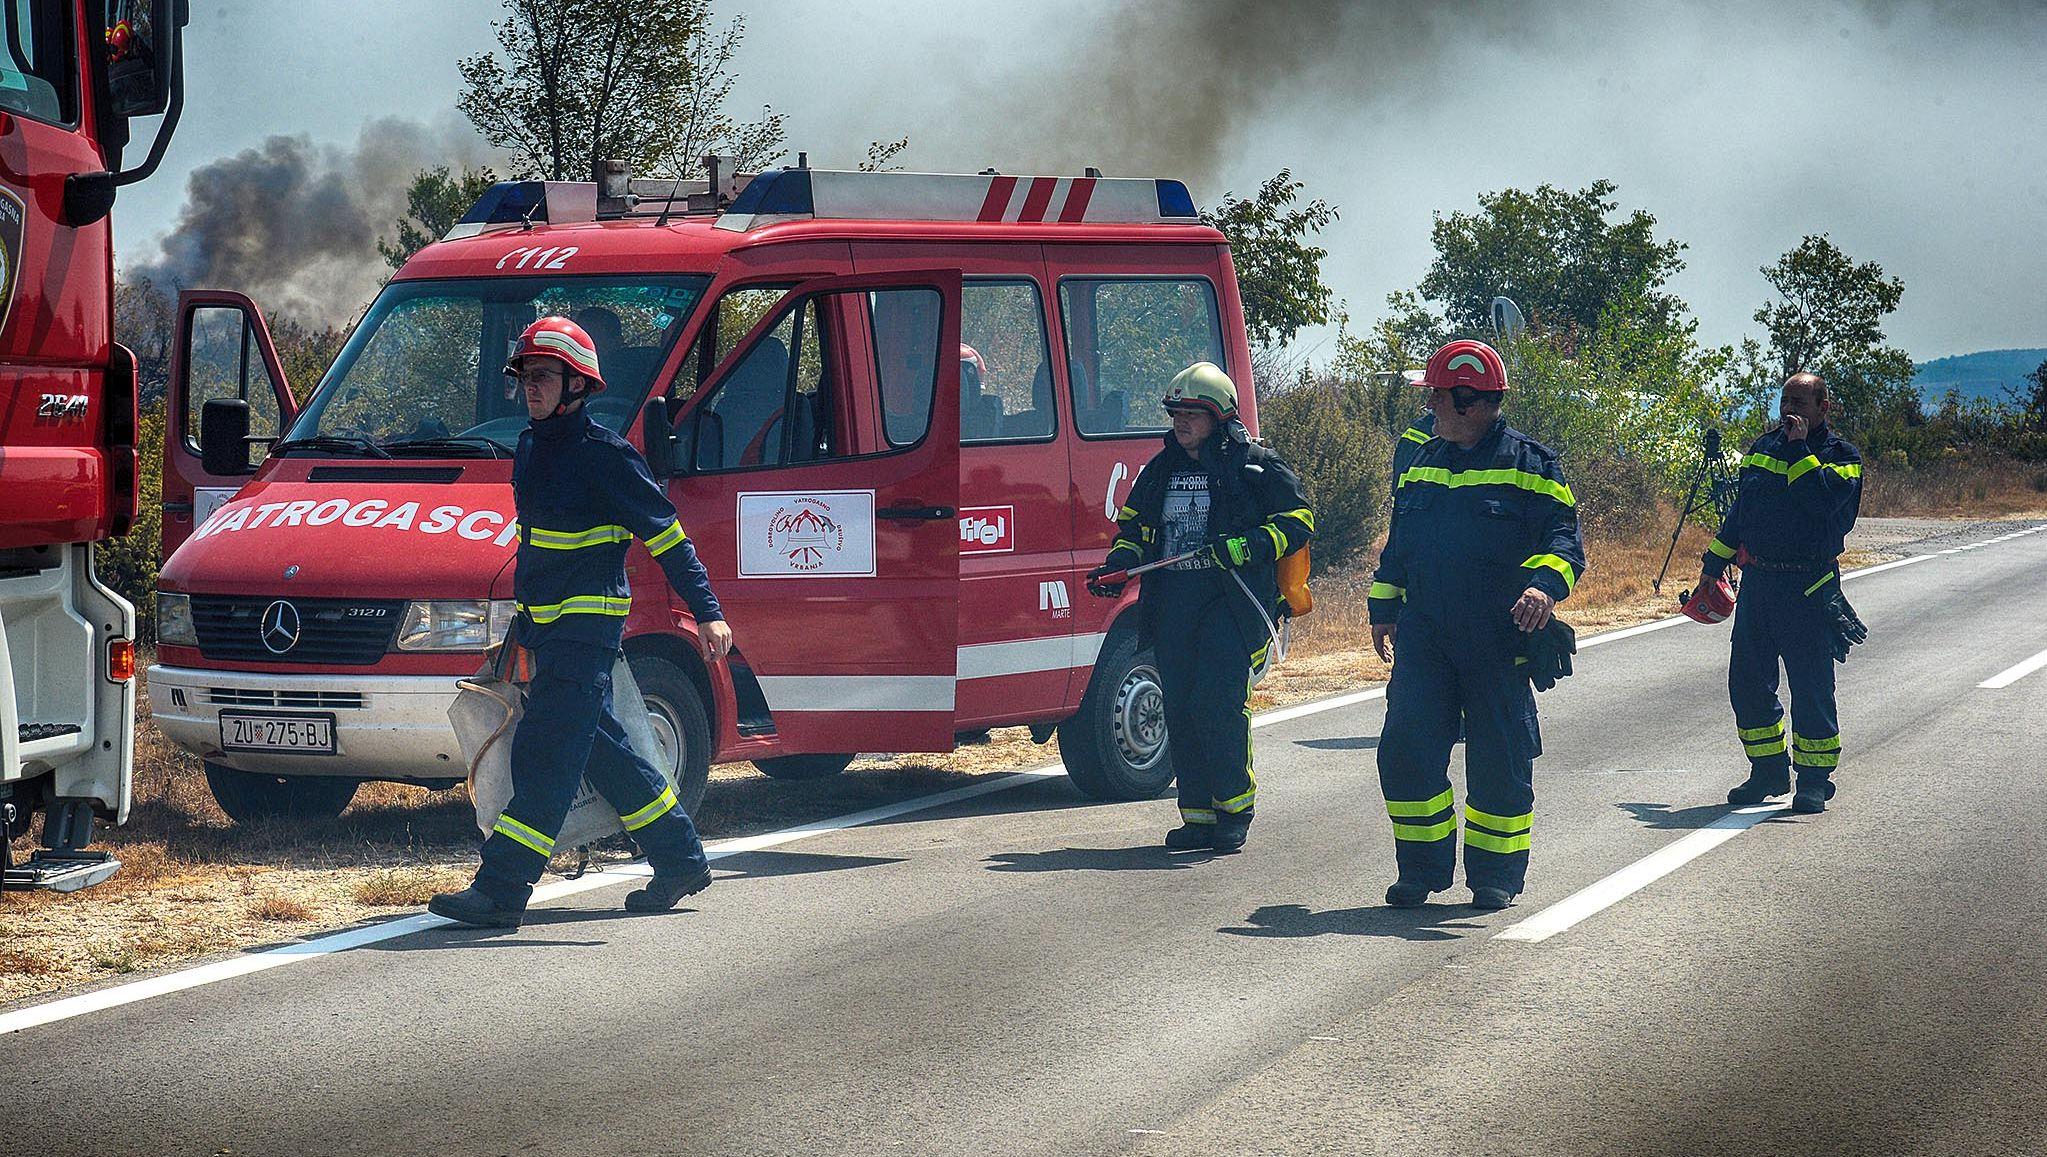 GLAZBENI FESTIVAL U Šibeniku pretučen vatrogasac na dužnosti